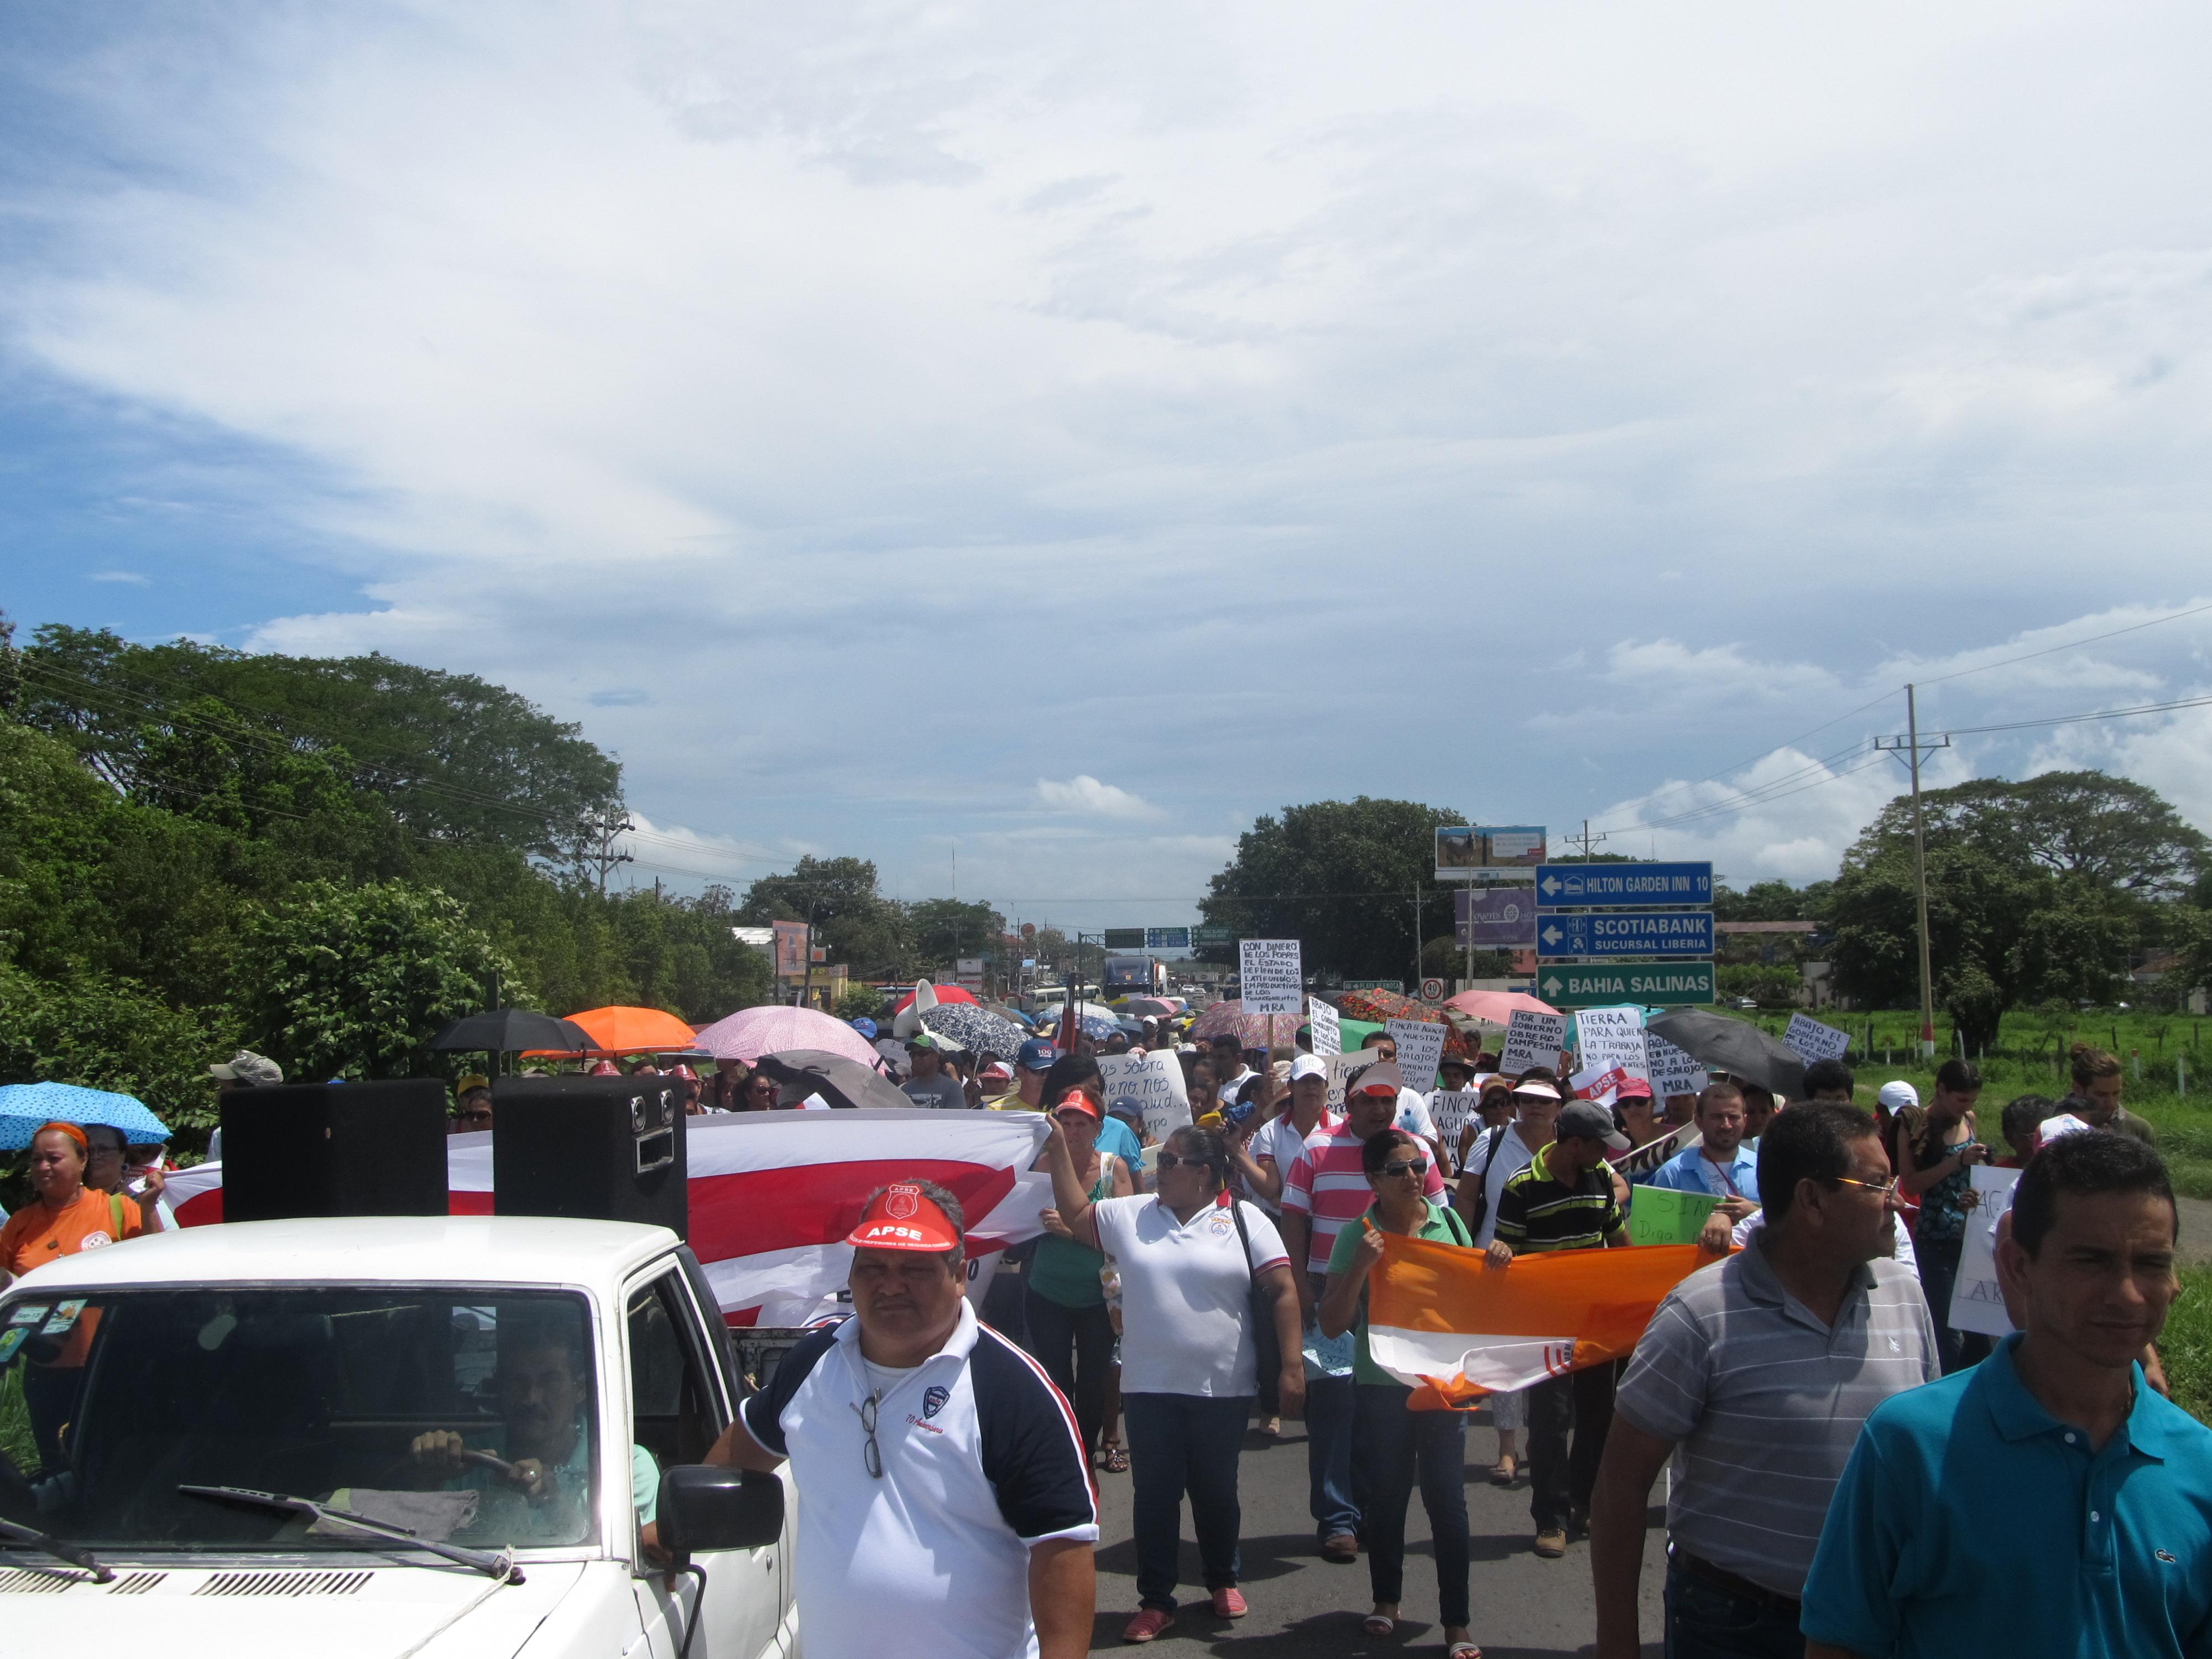 Marcha Nacional se desarrolló en la pampa guanacasteca